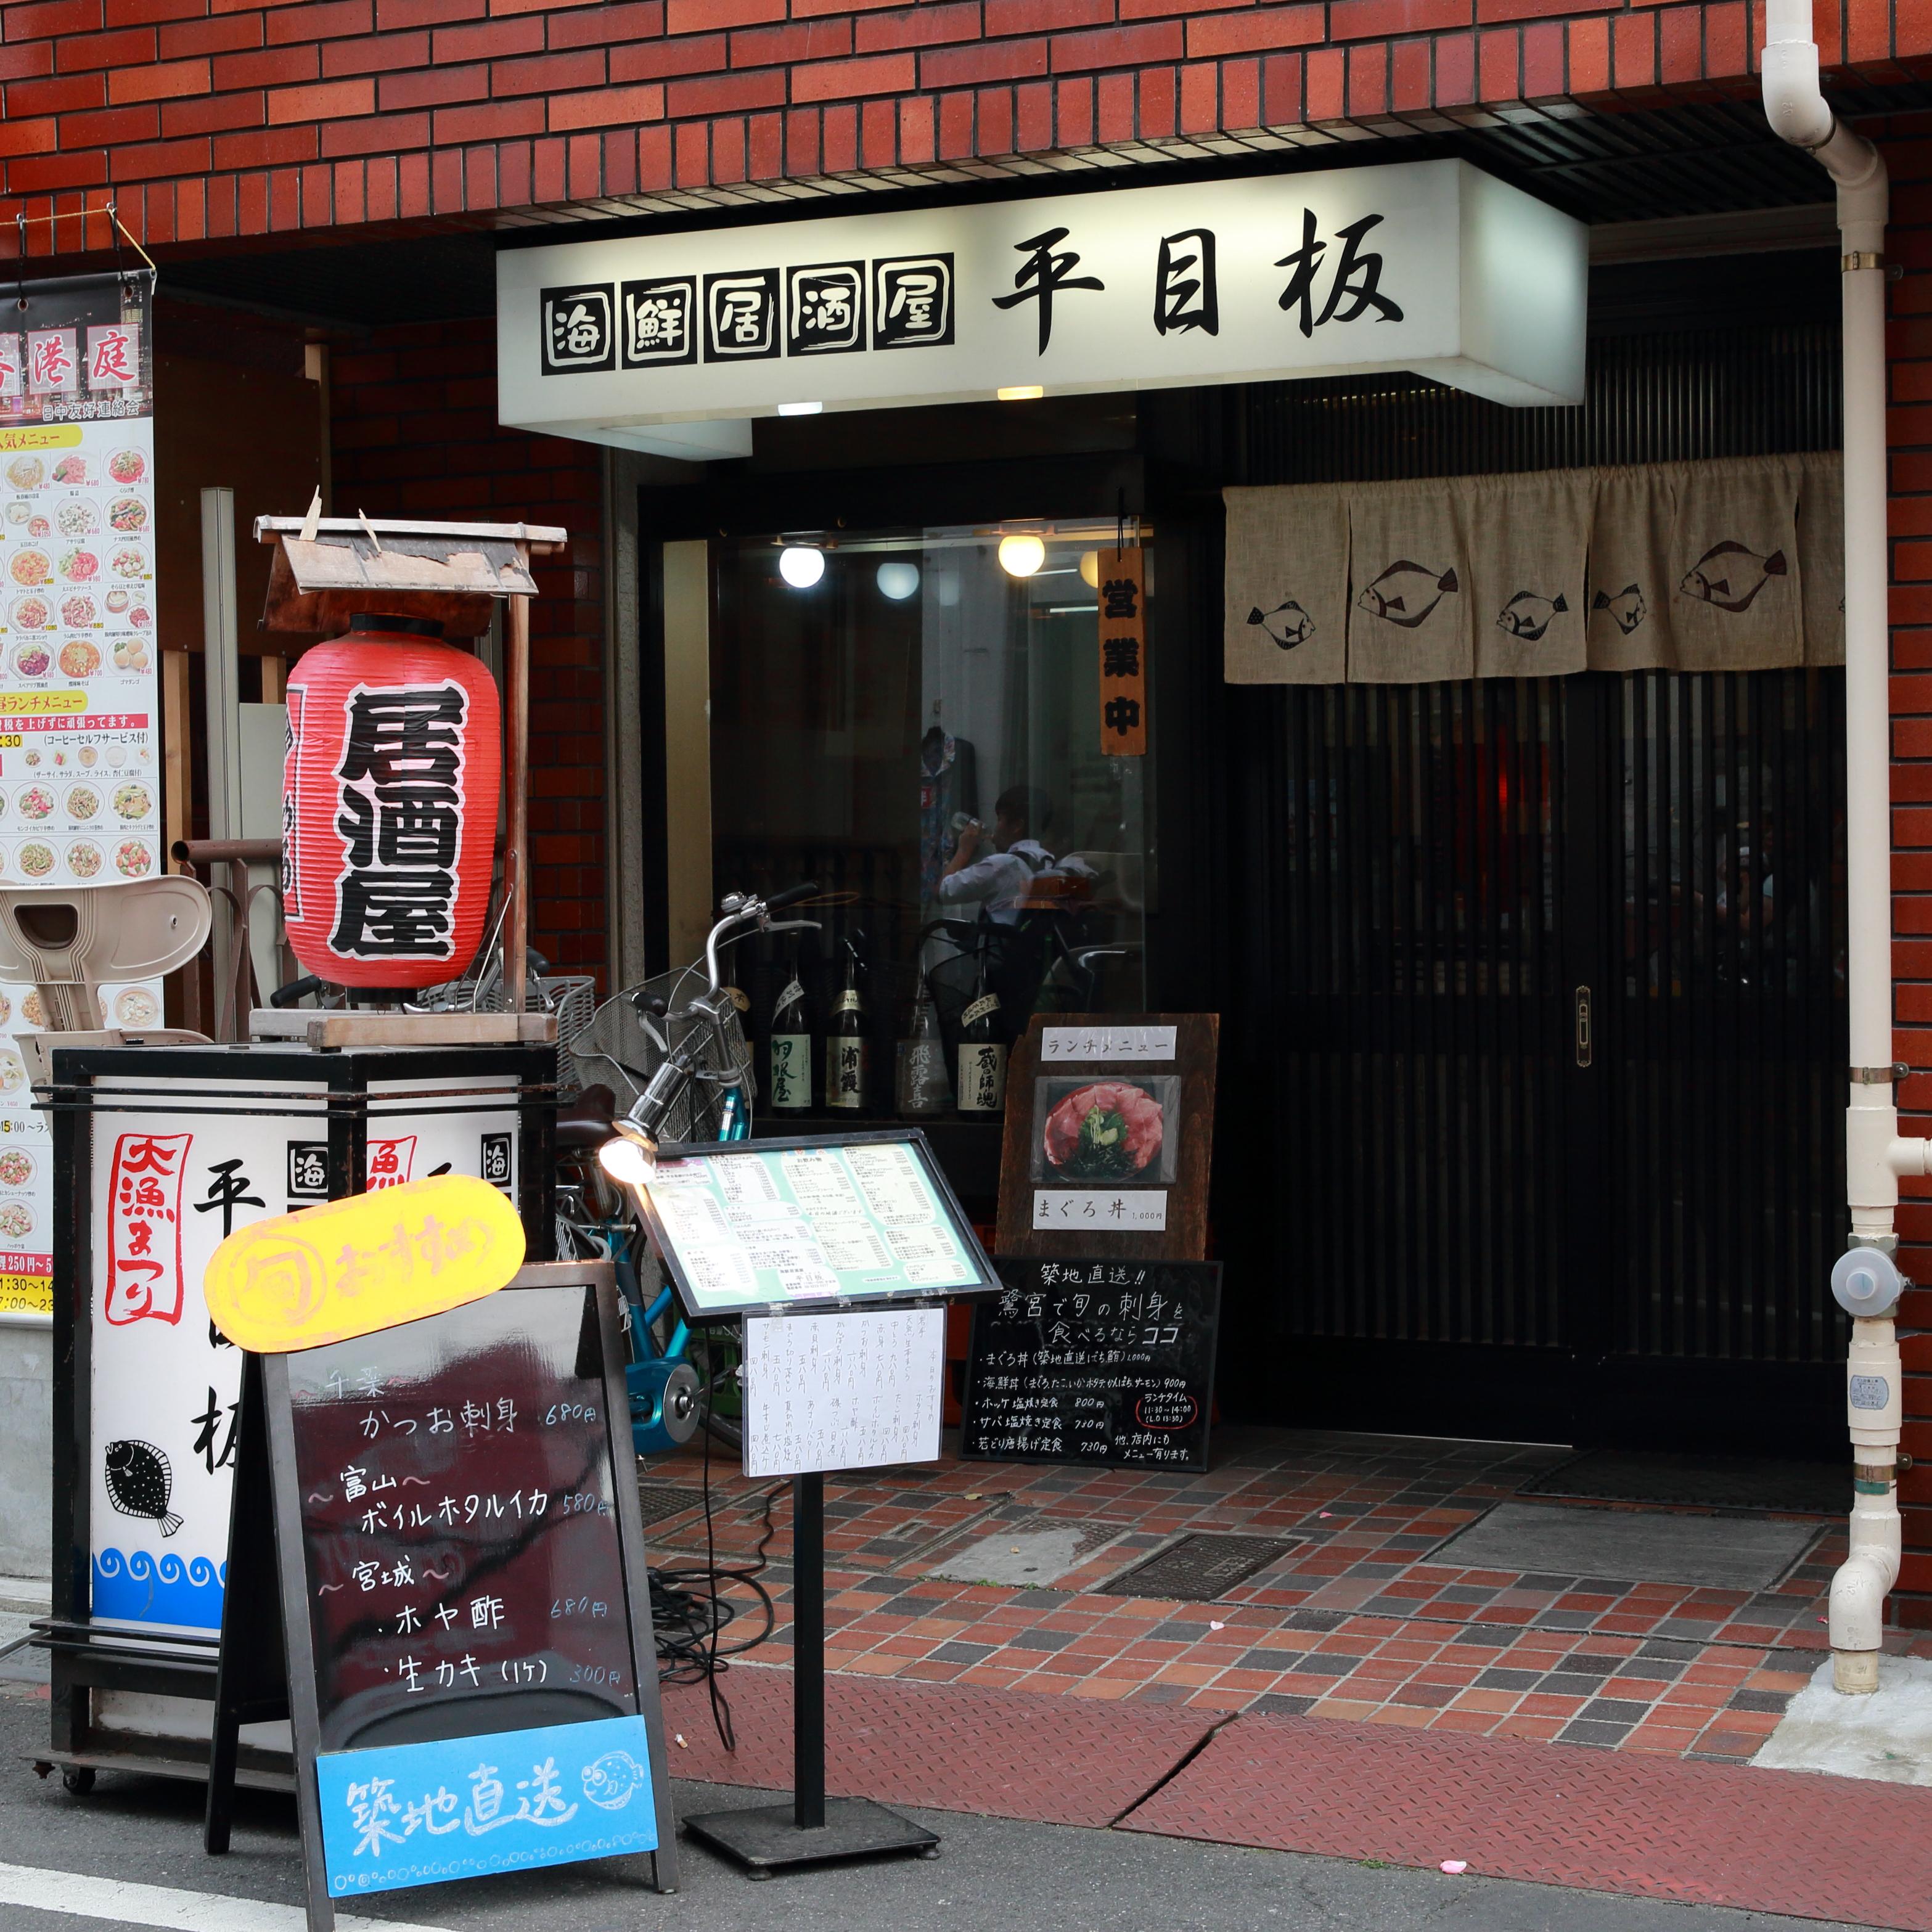 海鮮居酒屋 平目板店舗写真